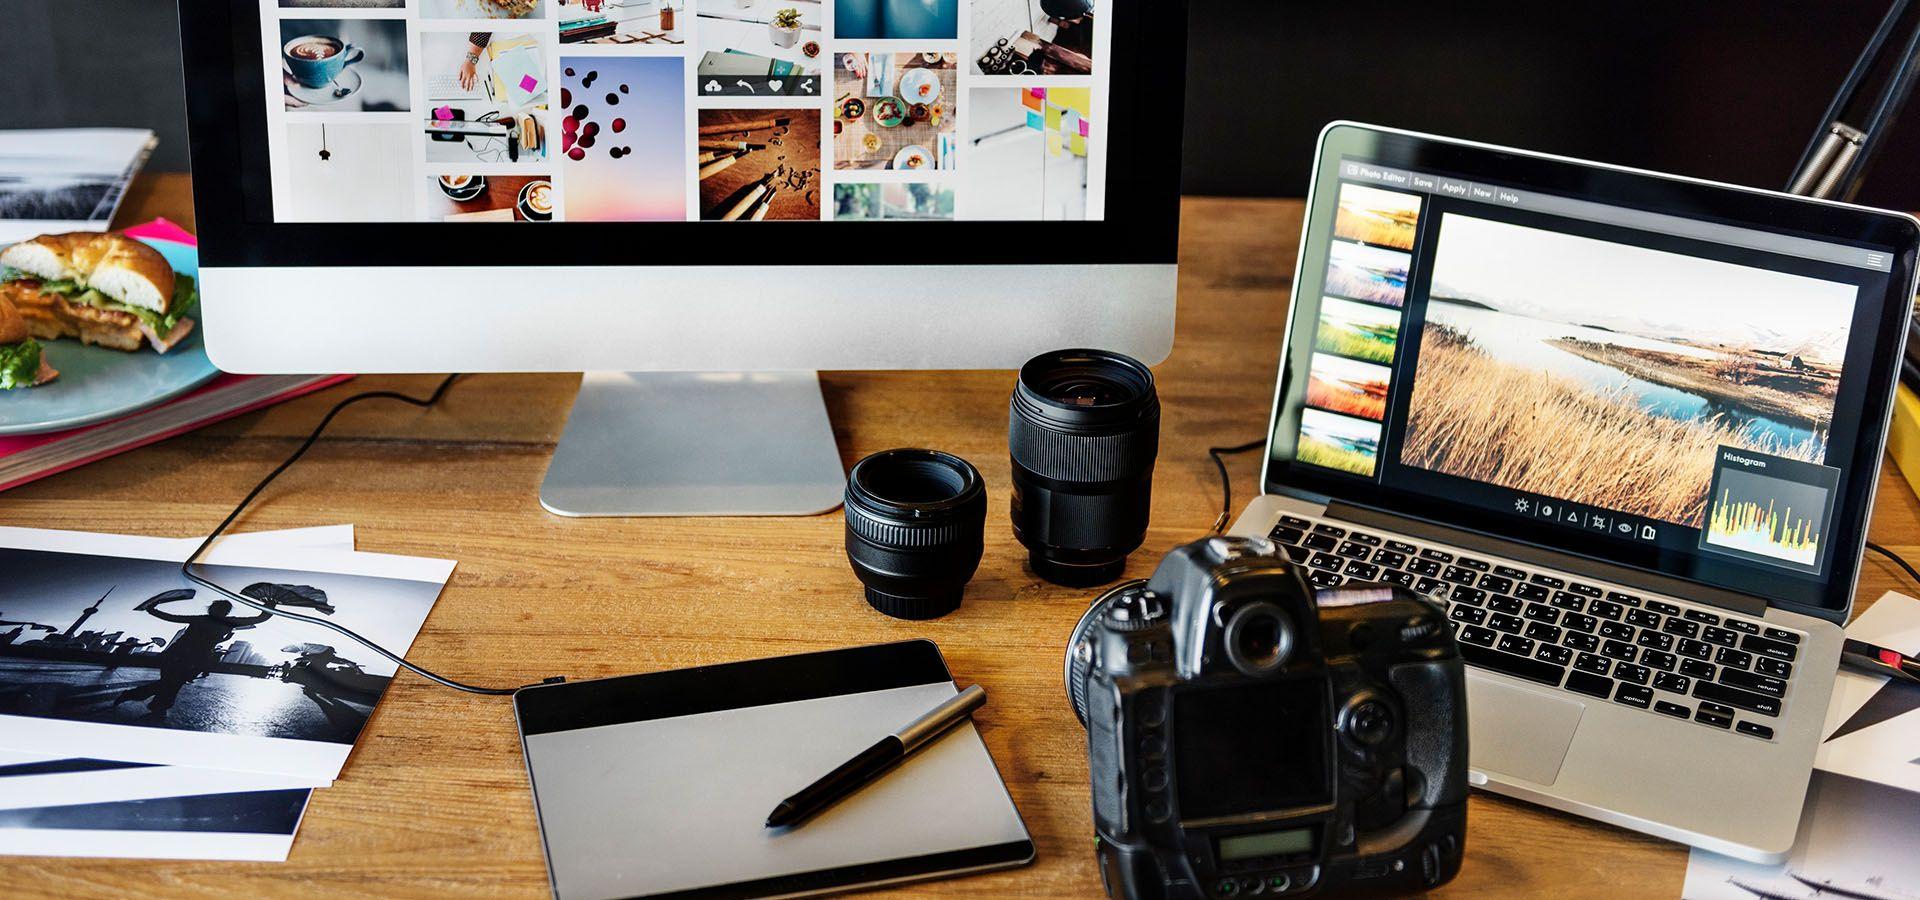 Kako da napravite Blog?